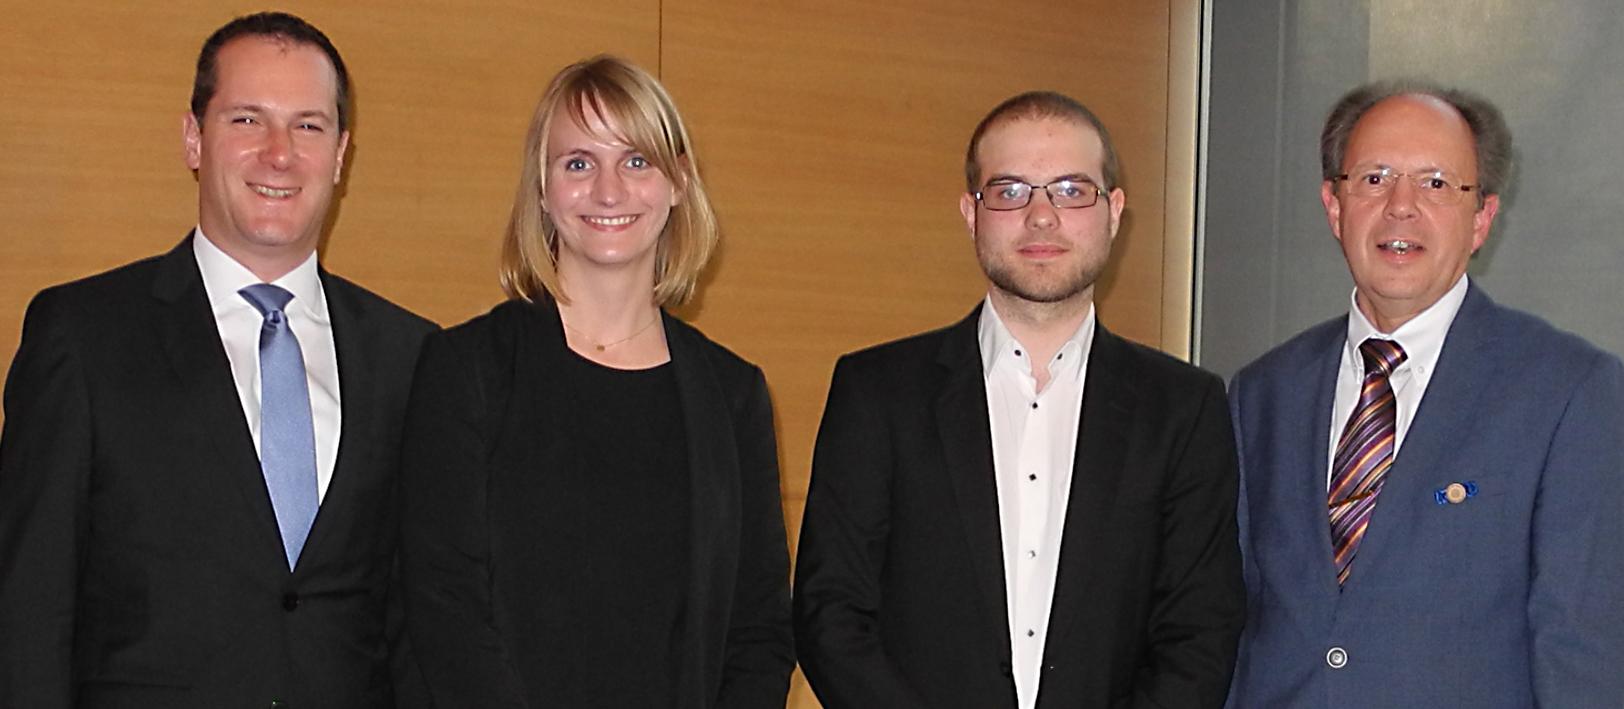 VDI Preisträger mit Vertretern des VDI